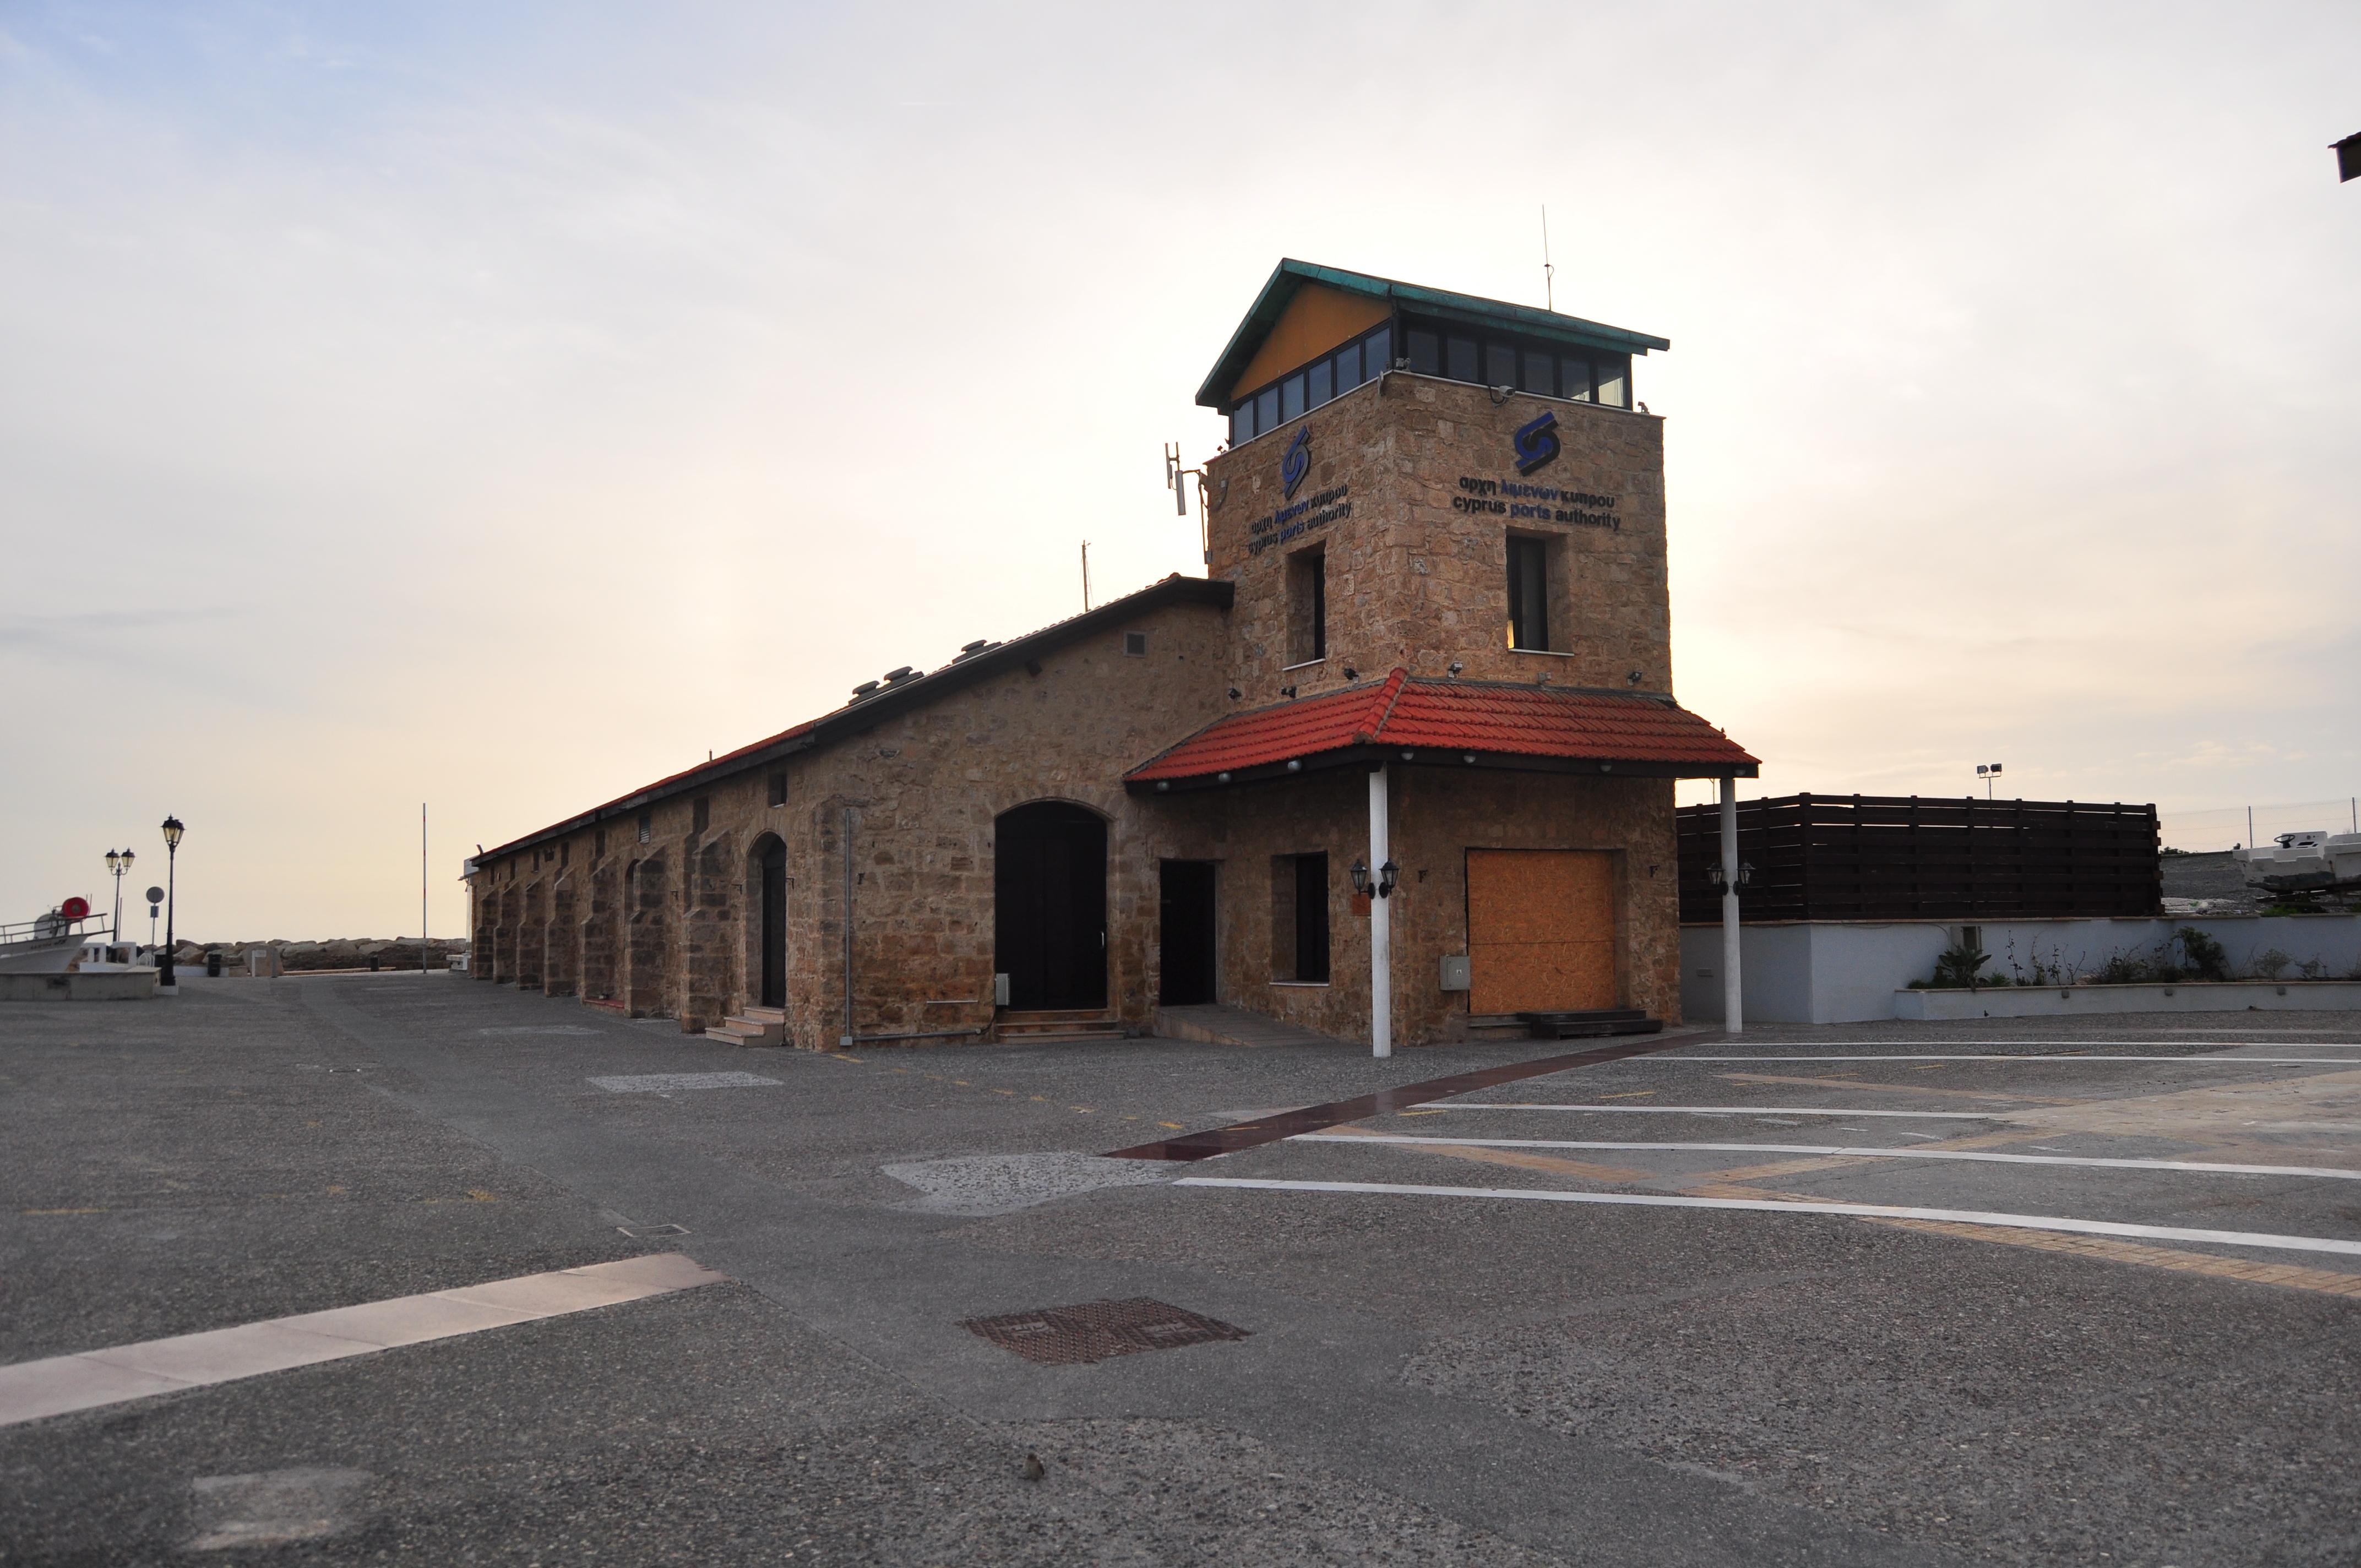 Clăadirea unde îşi are sediul Administraţia Portuară. Paphos